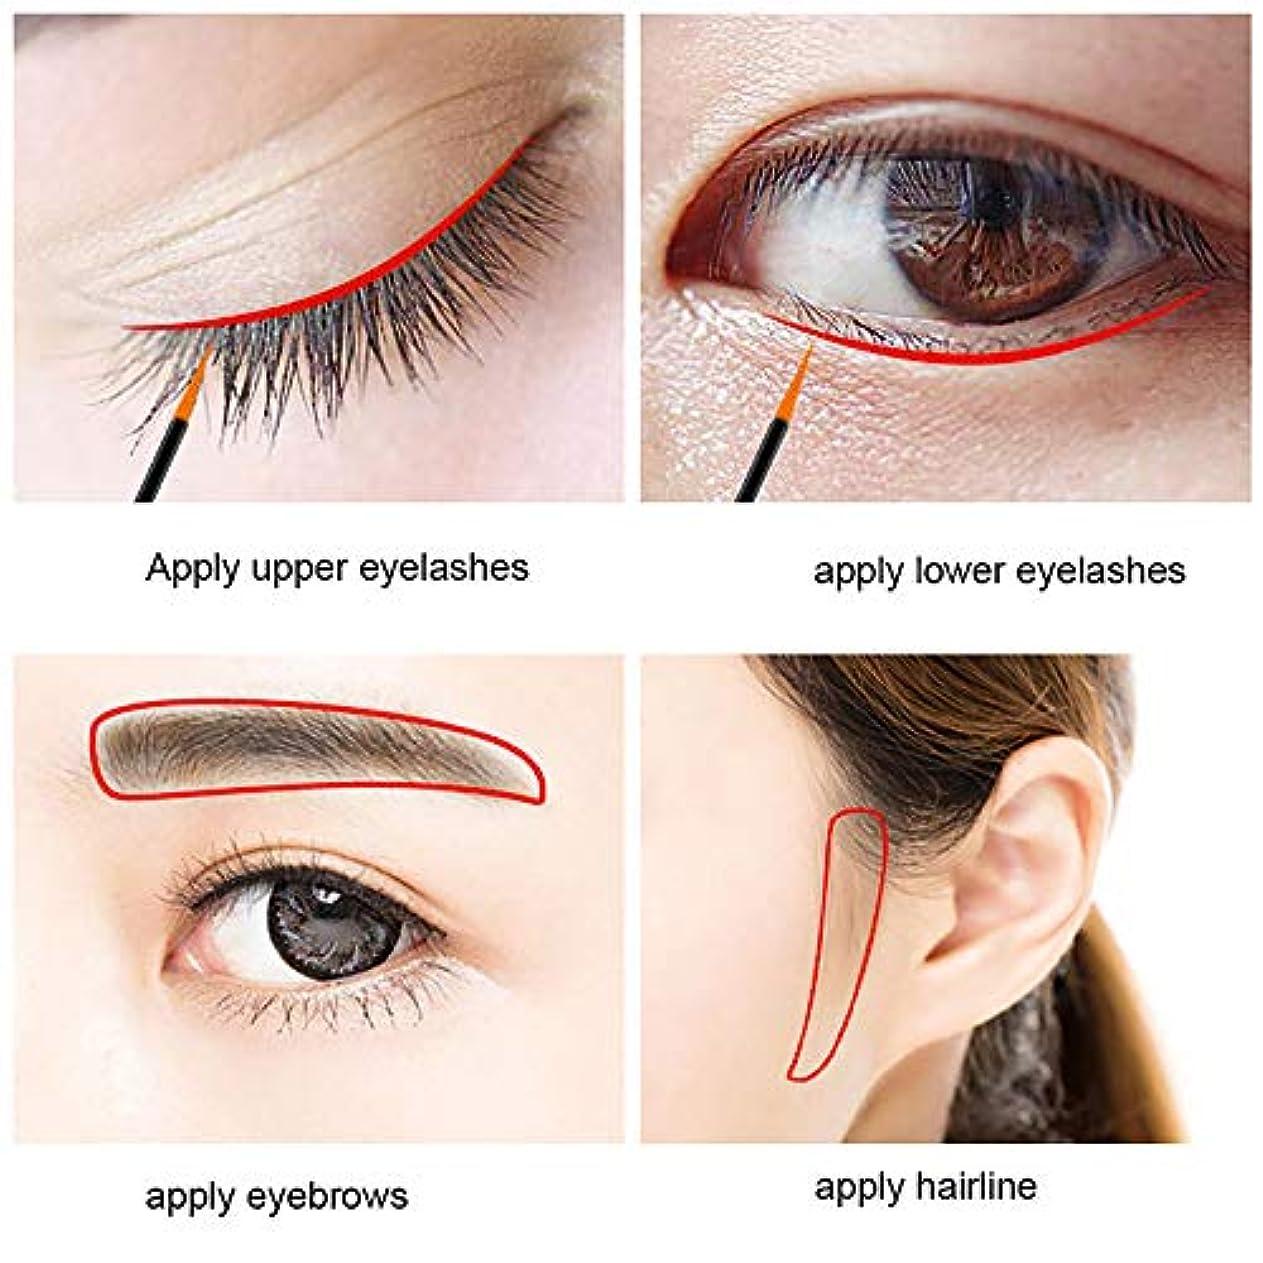 ボルト表示伝染病眉毛まつげ速い急速な成長の液体エンハンサー栄養液栄養